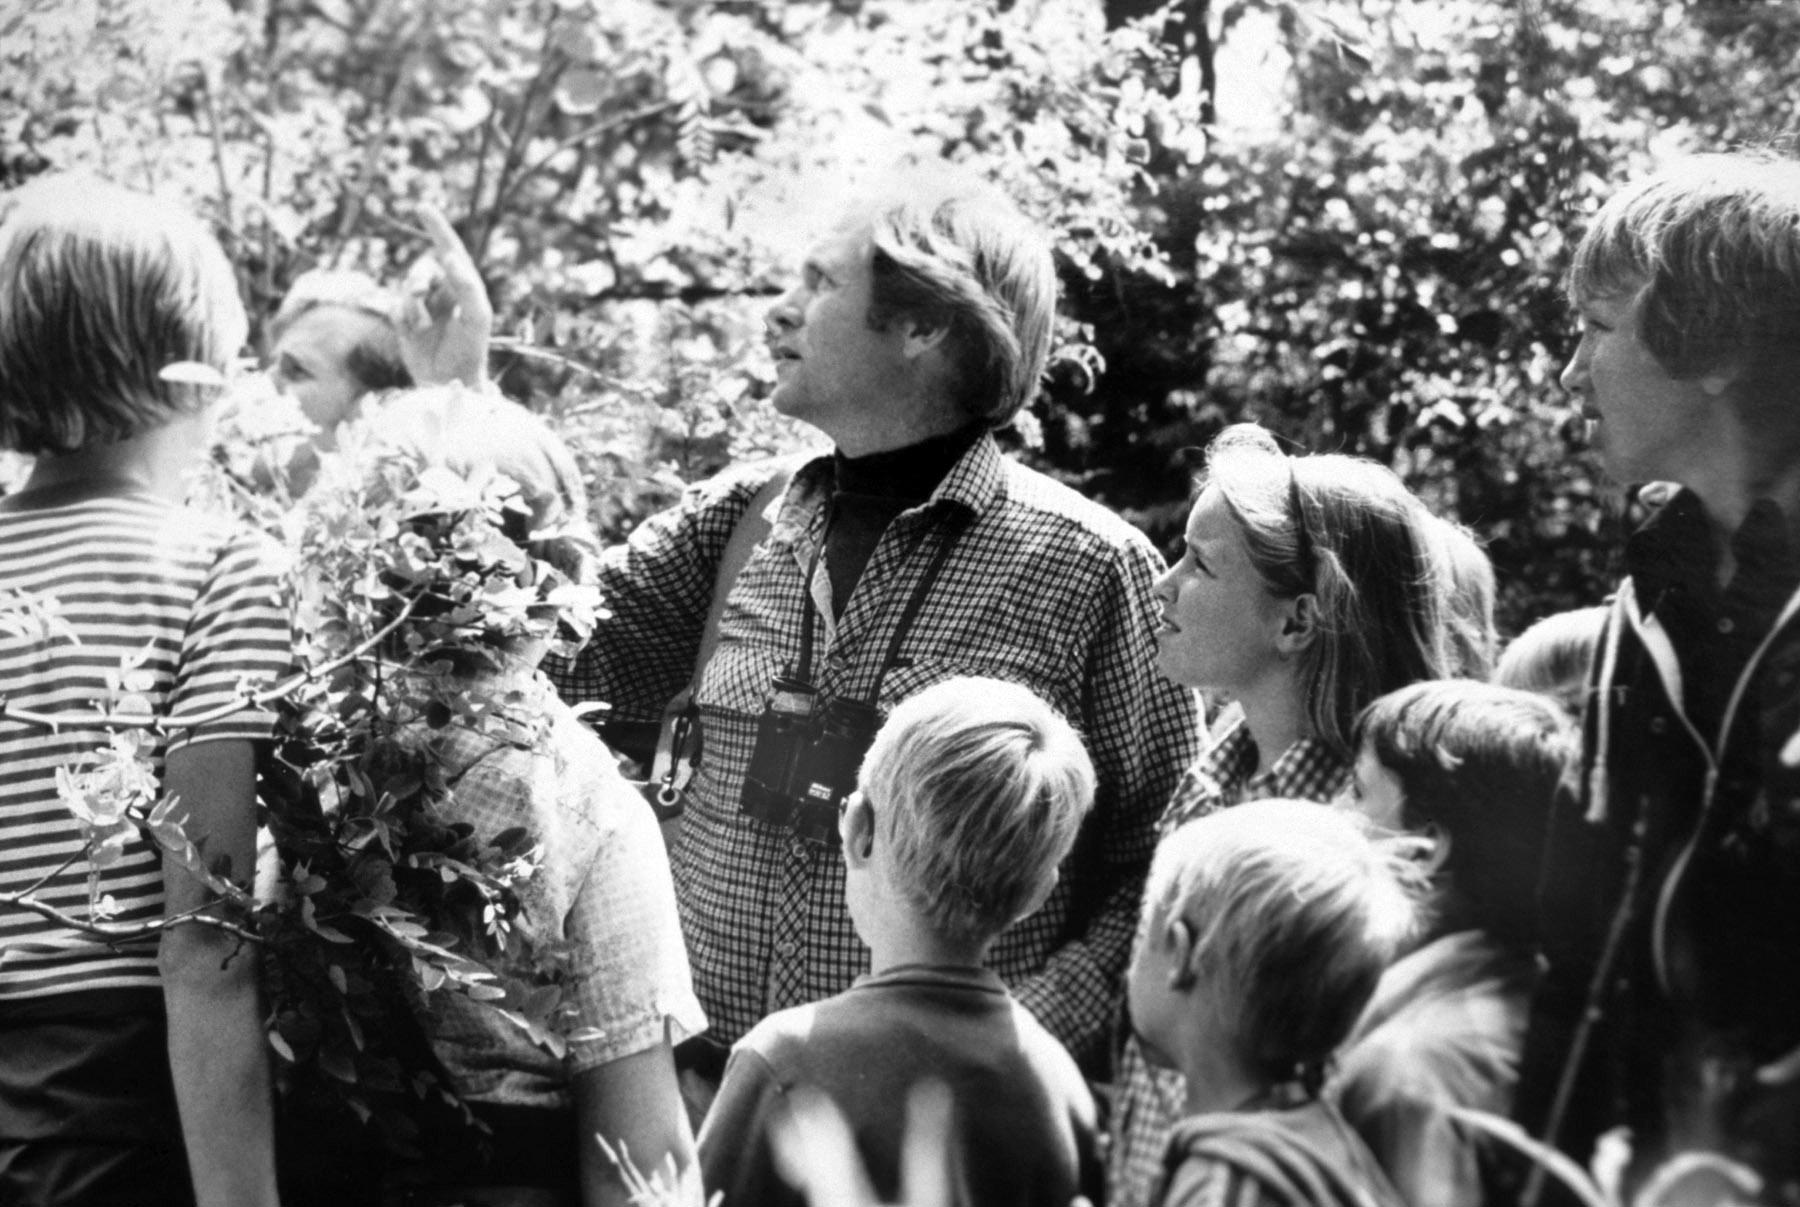 Robert Bateman, high school teacher, 1970